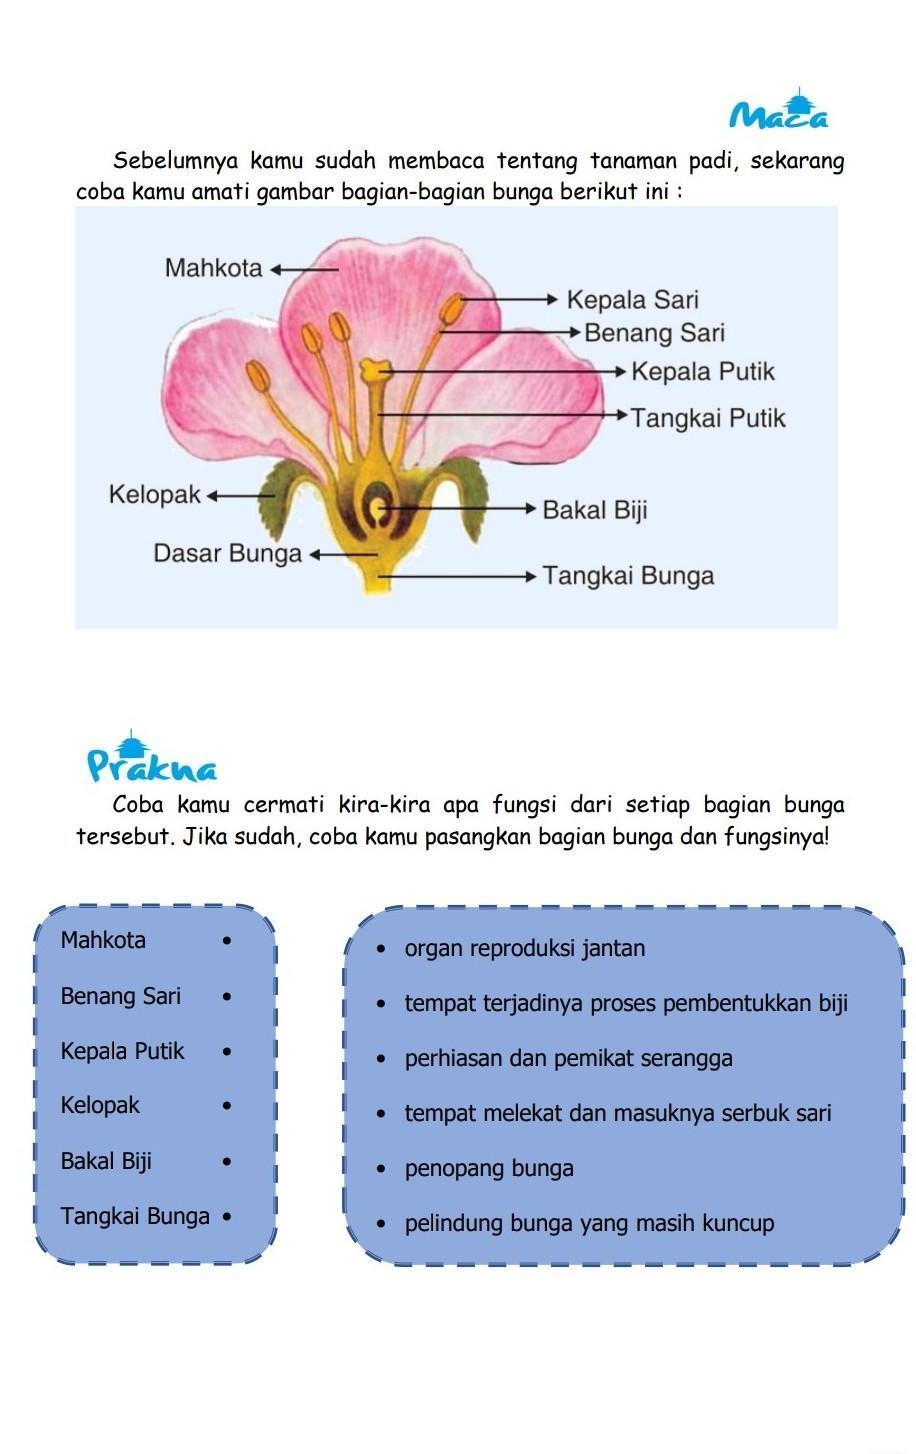 Gambar Bagian Bunga Dan Fungsinya : gambar, bagian, bunga, fungsinya, Bantu, Dong..., Brainly.co.id